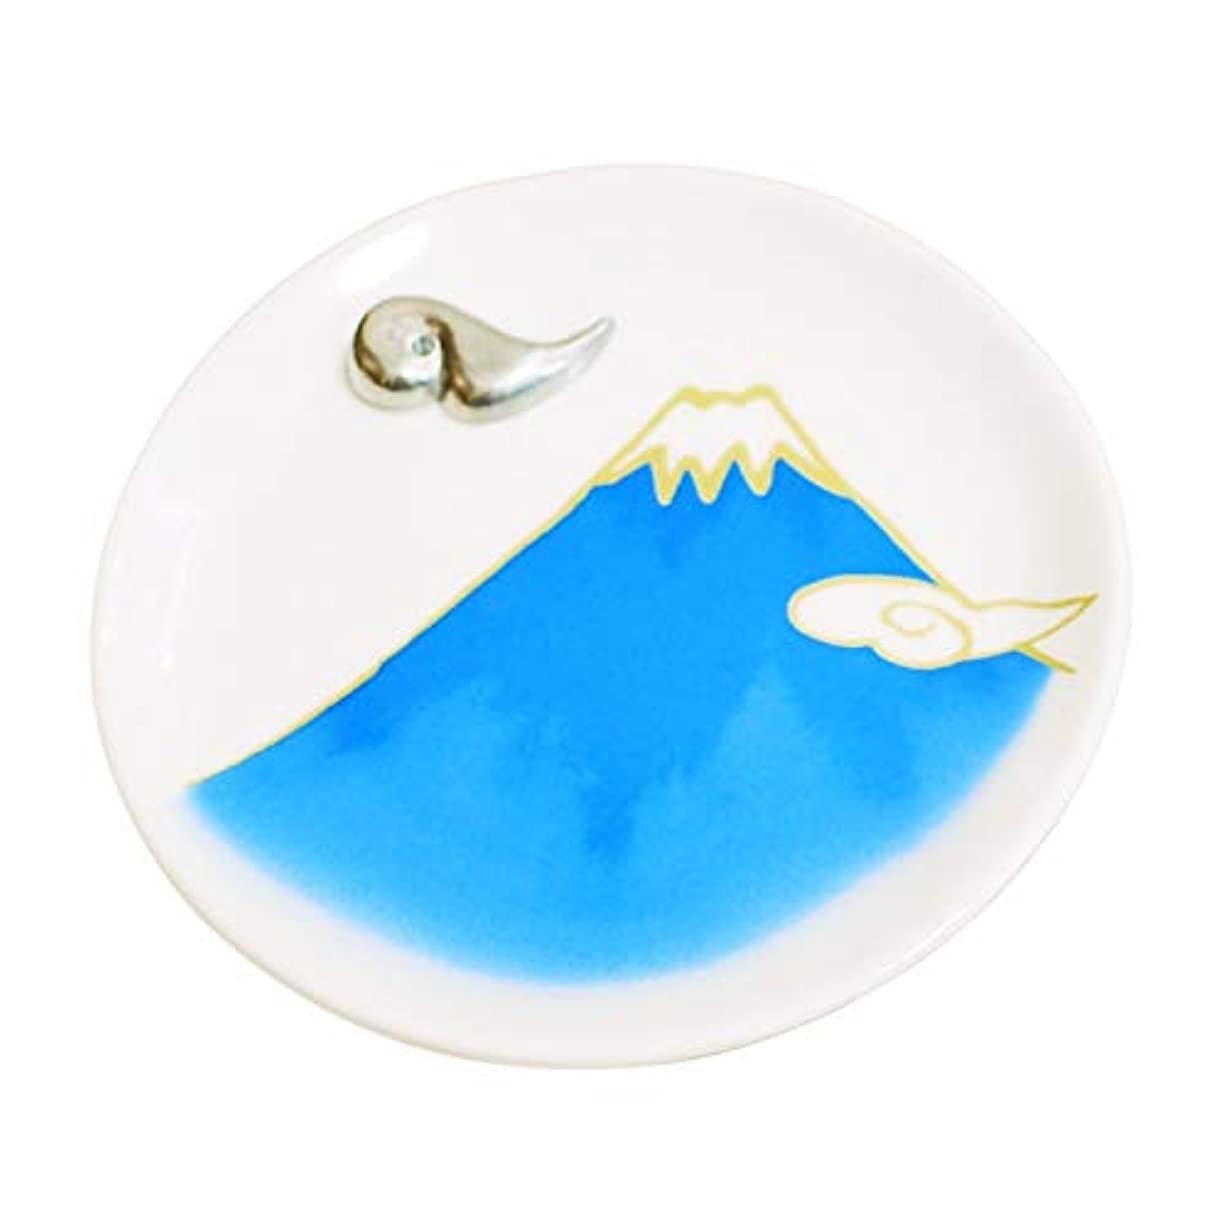 ずっと極貧作詞家香皿 富士山 ブルー 雲型香立て付 青富士 香立 お線香立て Cセット